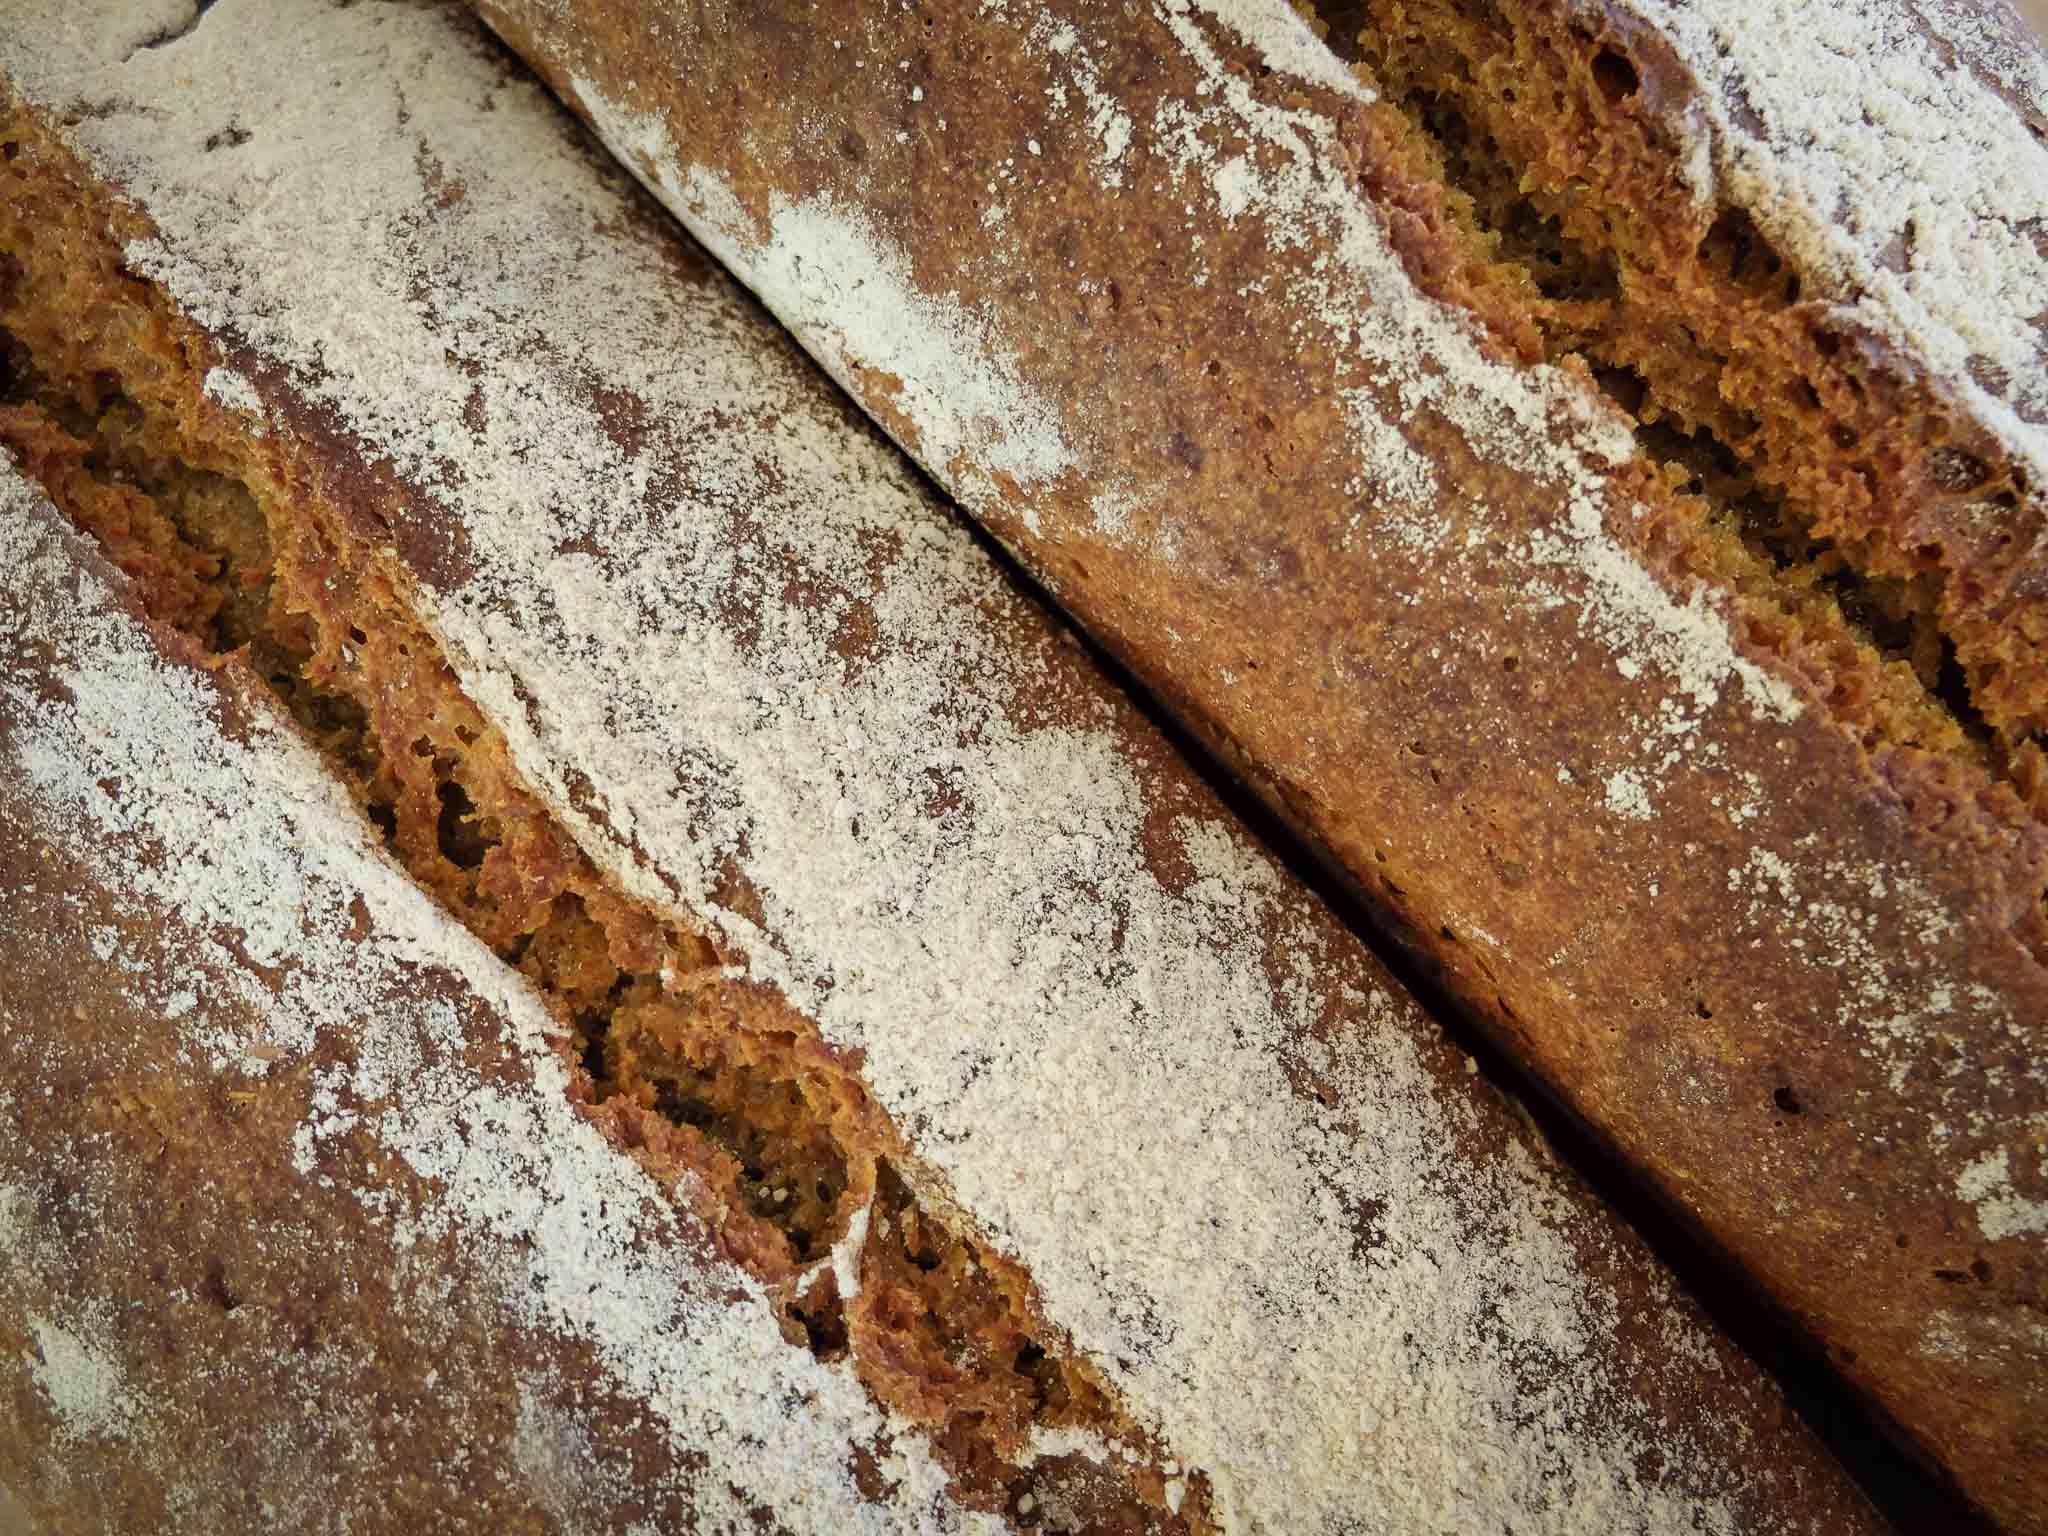 Le Petit Épeautre, pain à l'indice glycémique particulièrement bas